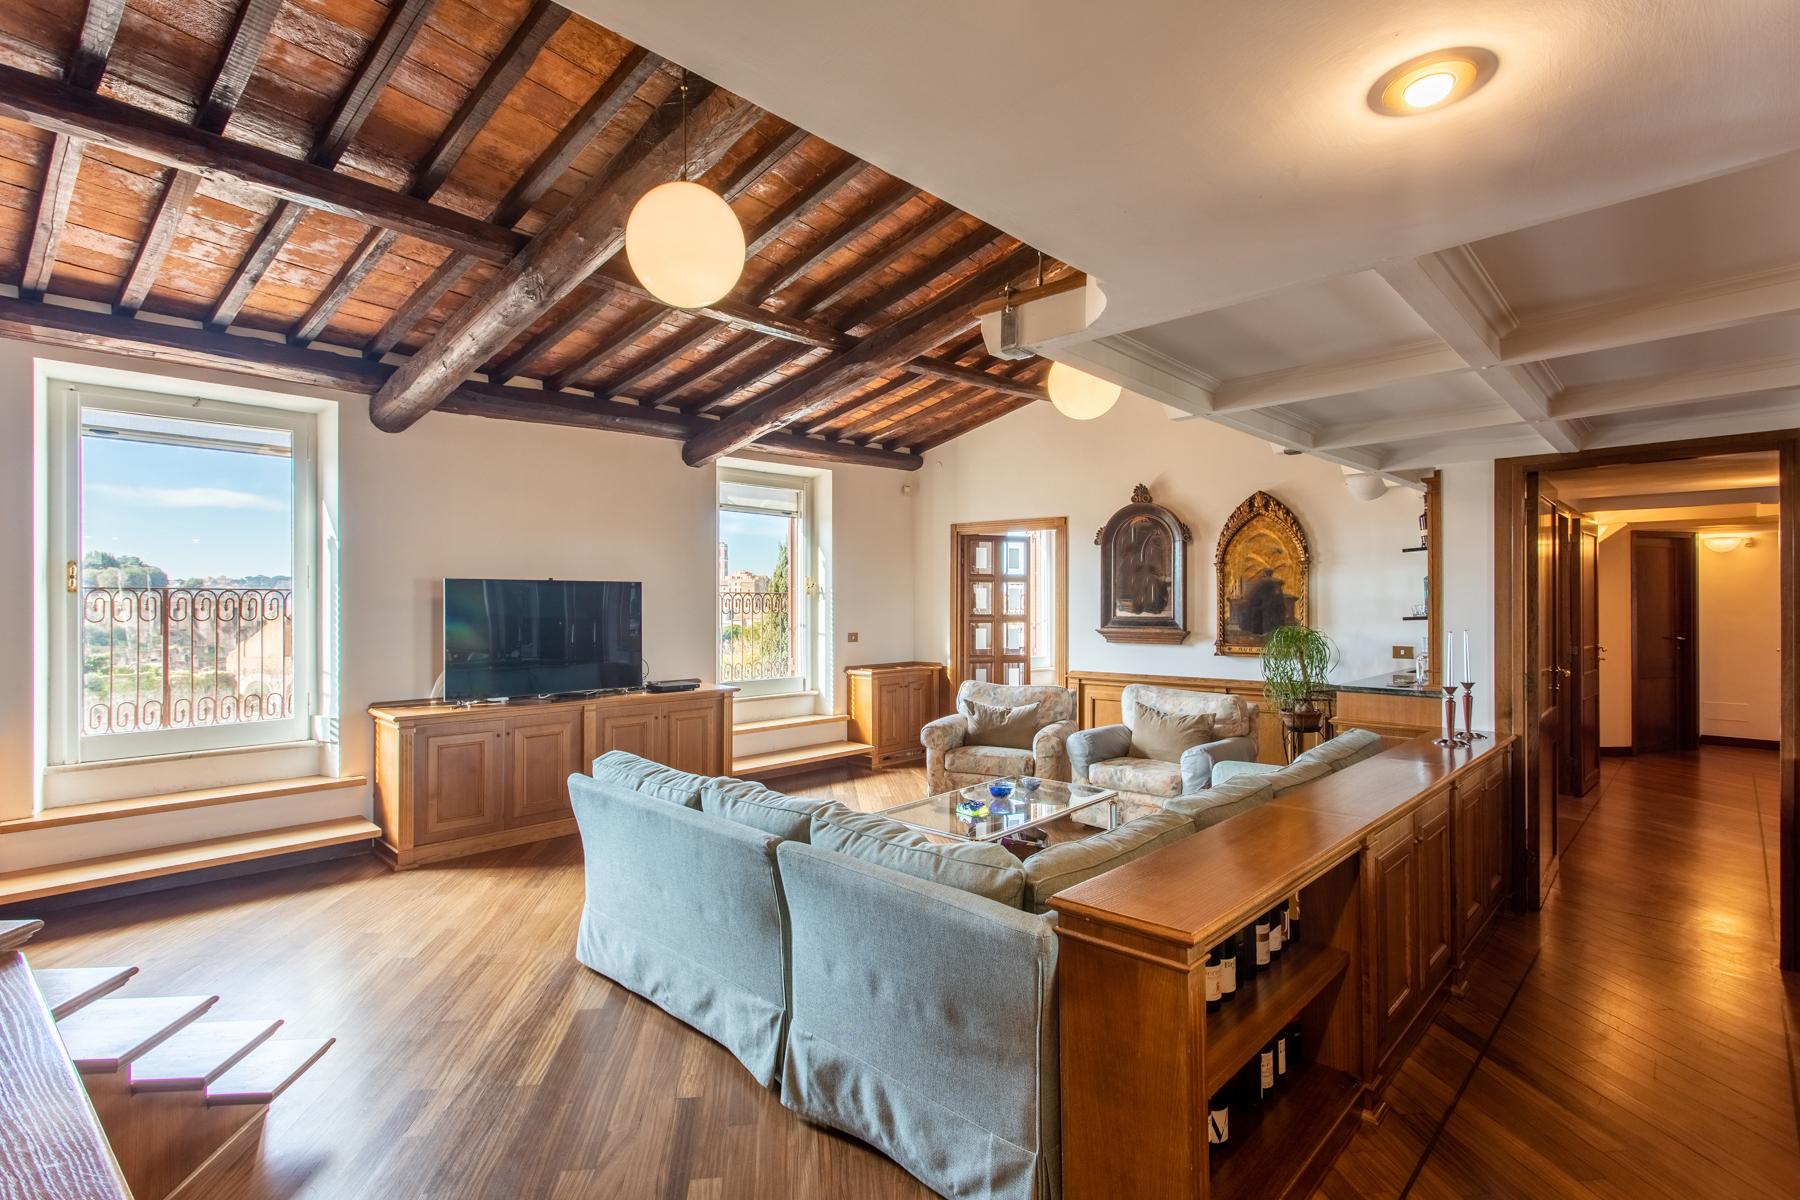 Immobili di lusso a roma trovocasa pregio for Appartamenti arredati in affitto roma